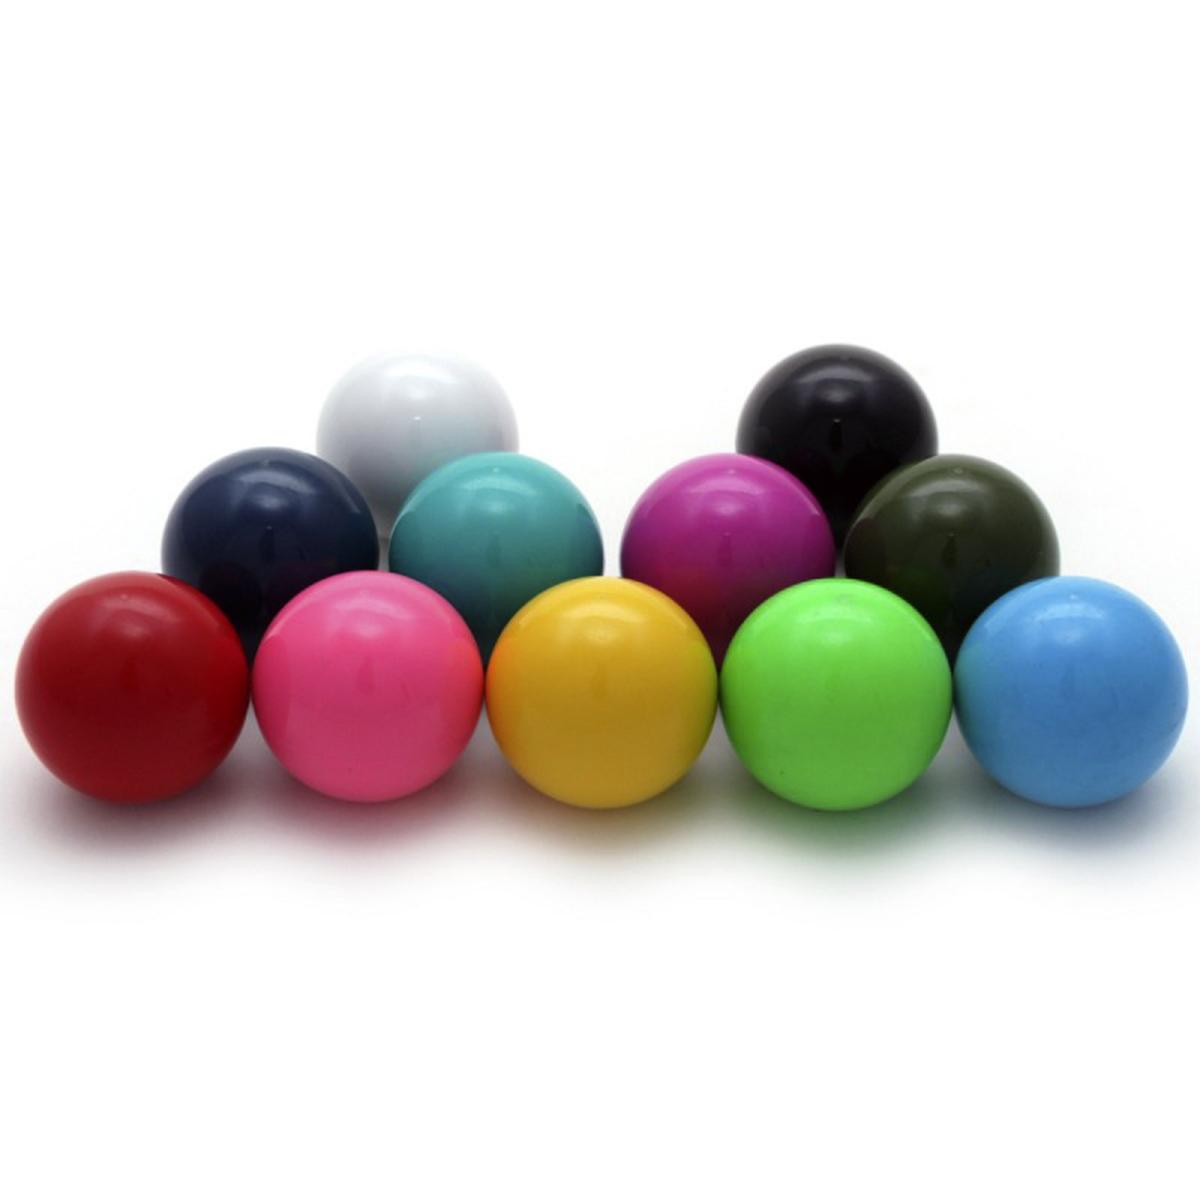 セイミツ工業 LB-35 レバーボール 通常色